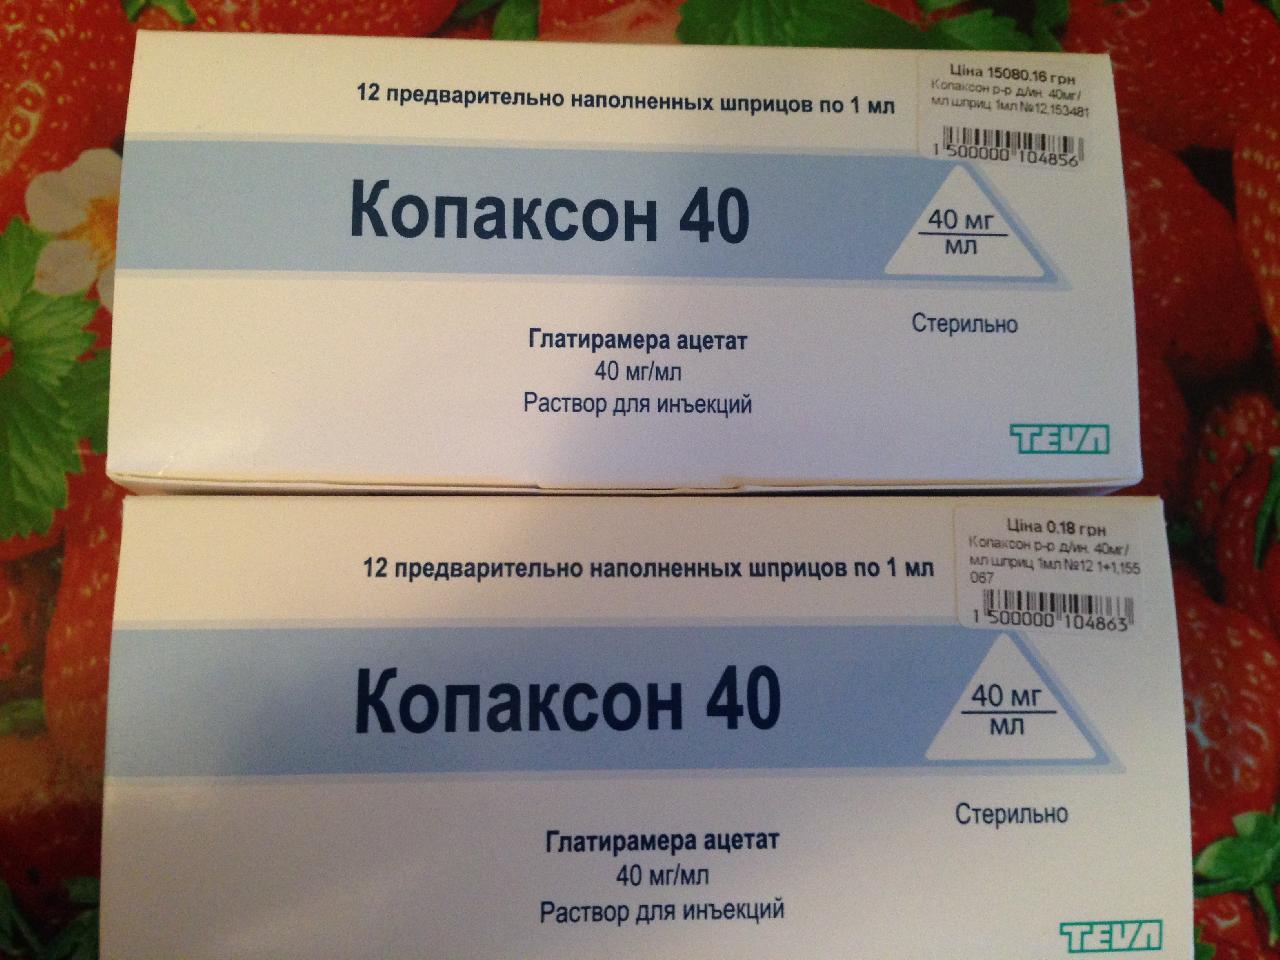 Доска объявлений, продам предприятие, лицензия на медикаменты вакансии флориста в москве свежие